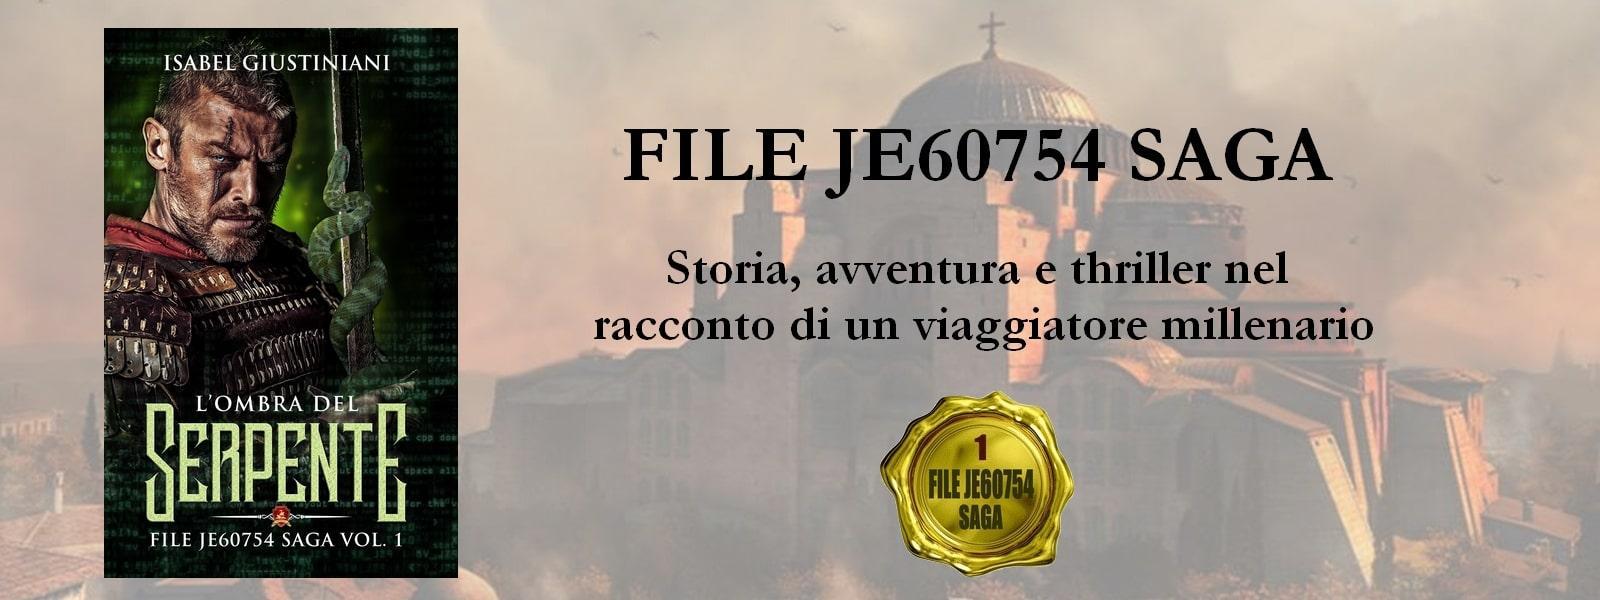 File JE60754 saga